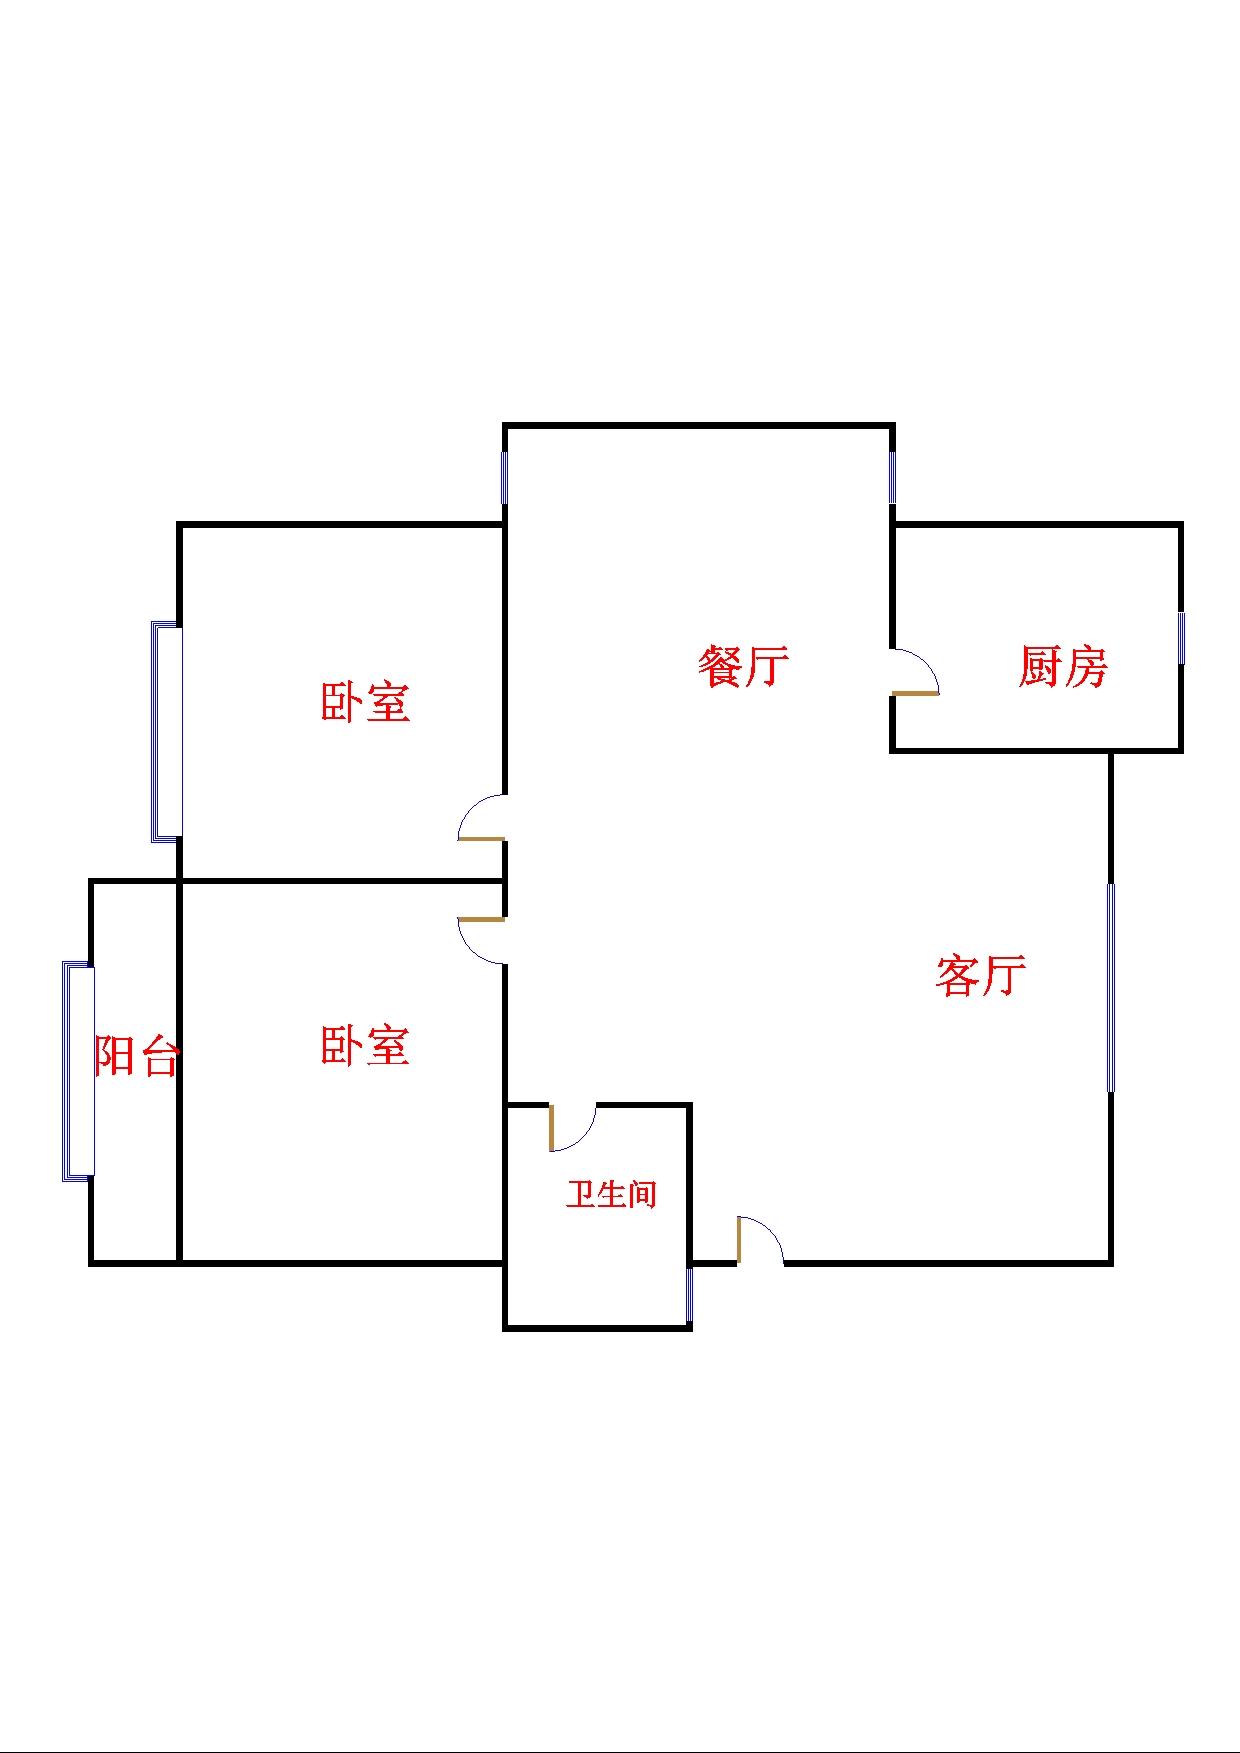 绿景家园小区 2室2厅 双证齐全 简装 66万